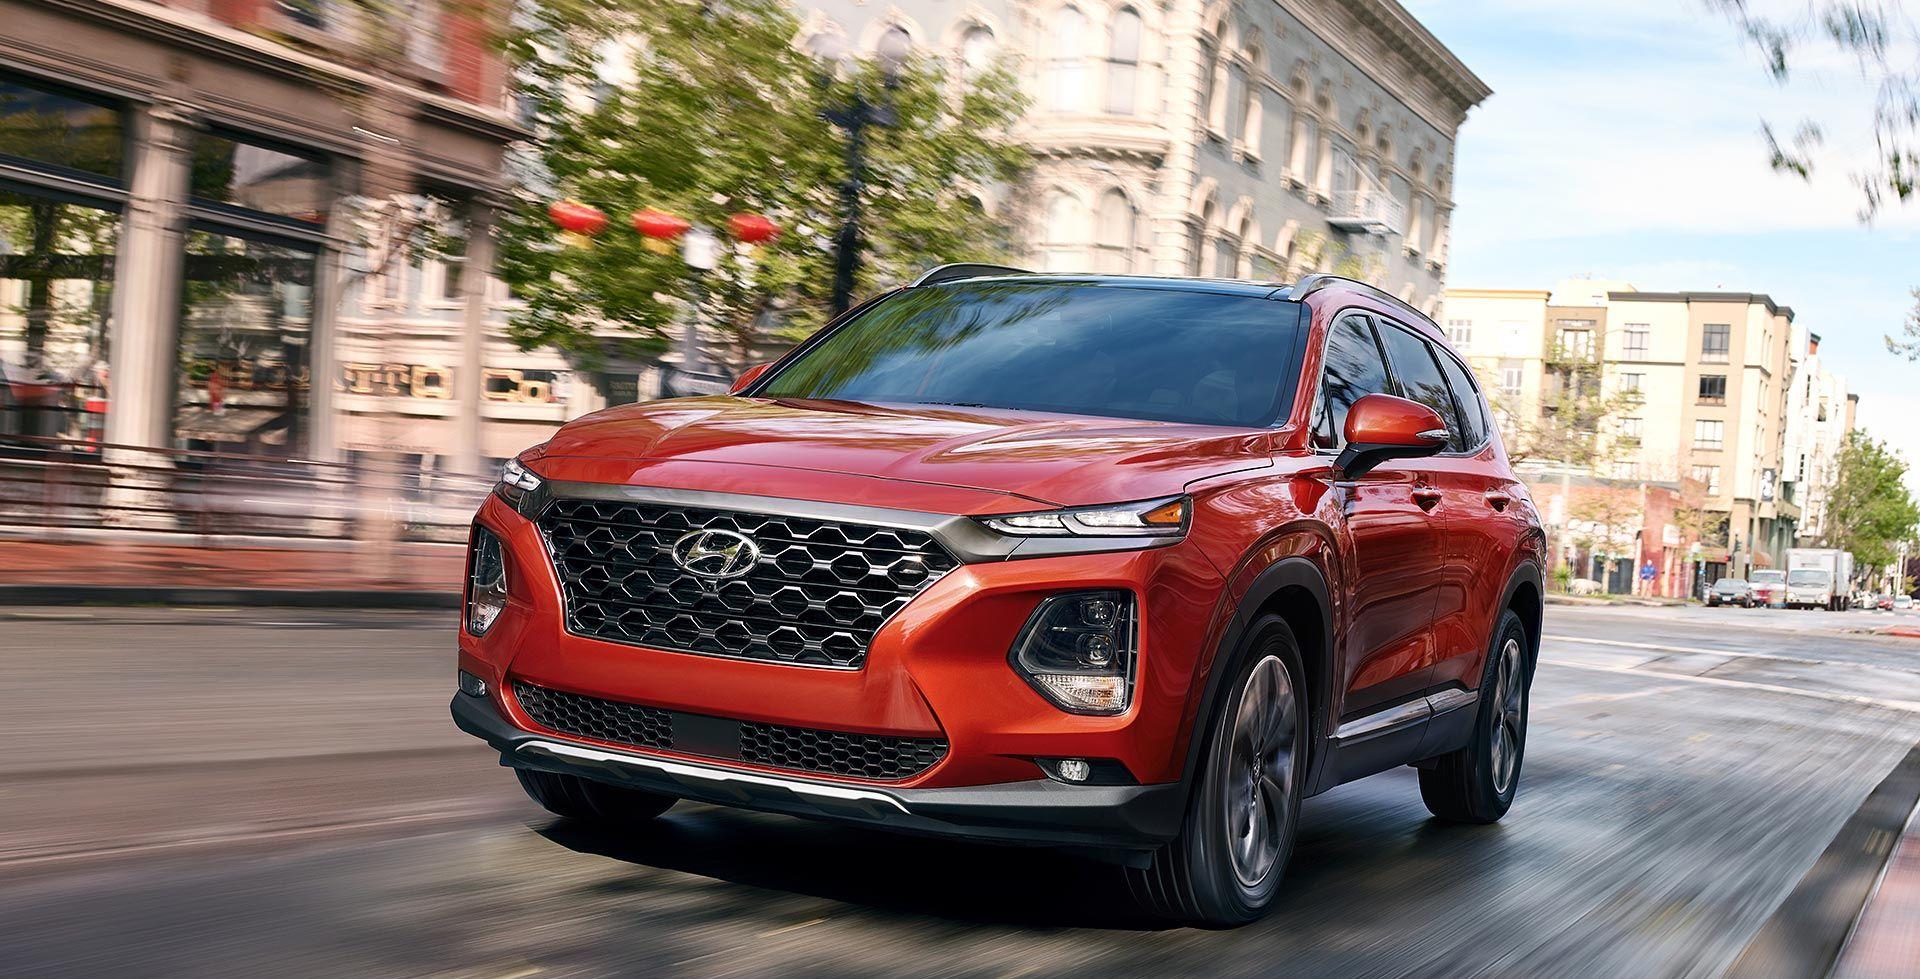 Hyundai Santa Fe 2019 a la venta cerca de Washington, DC